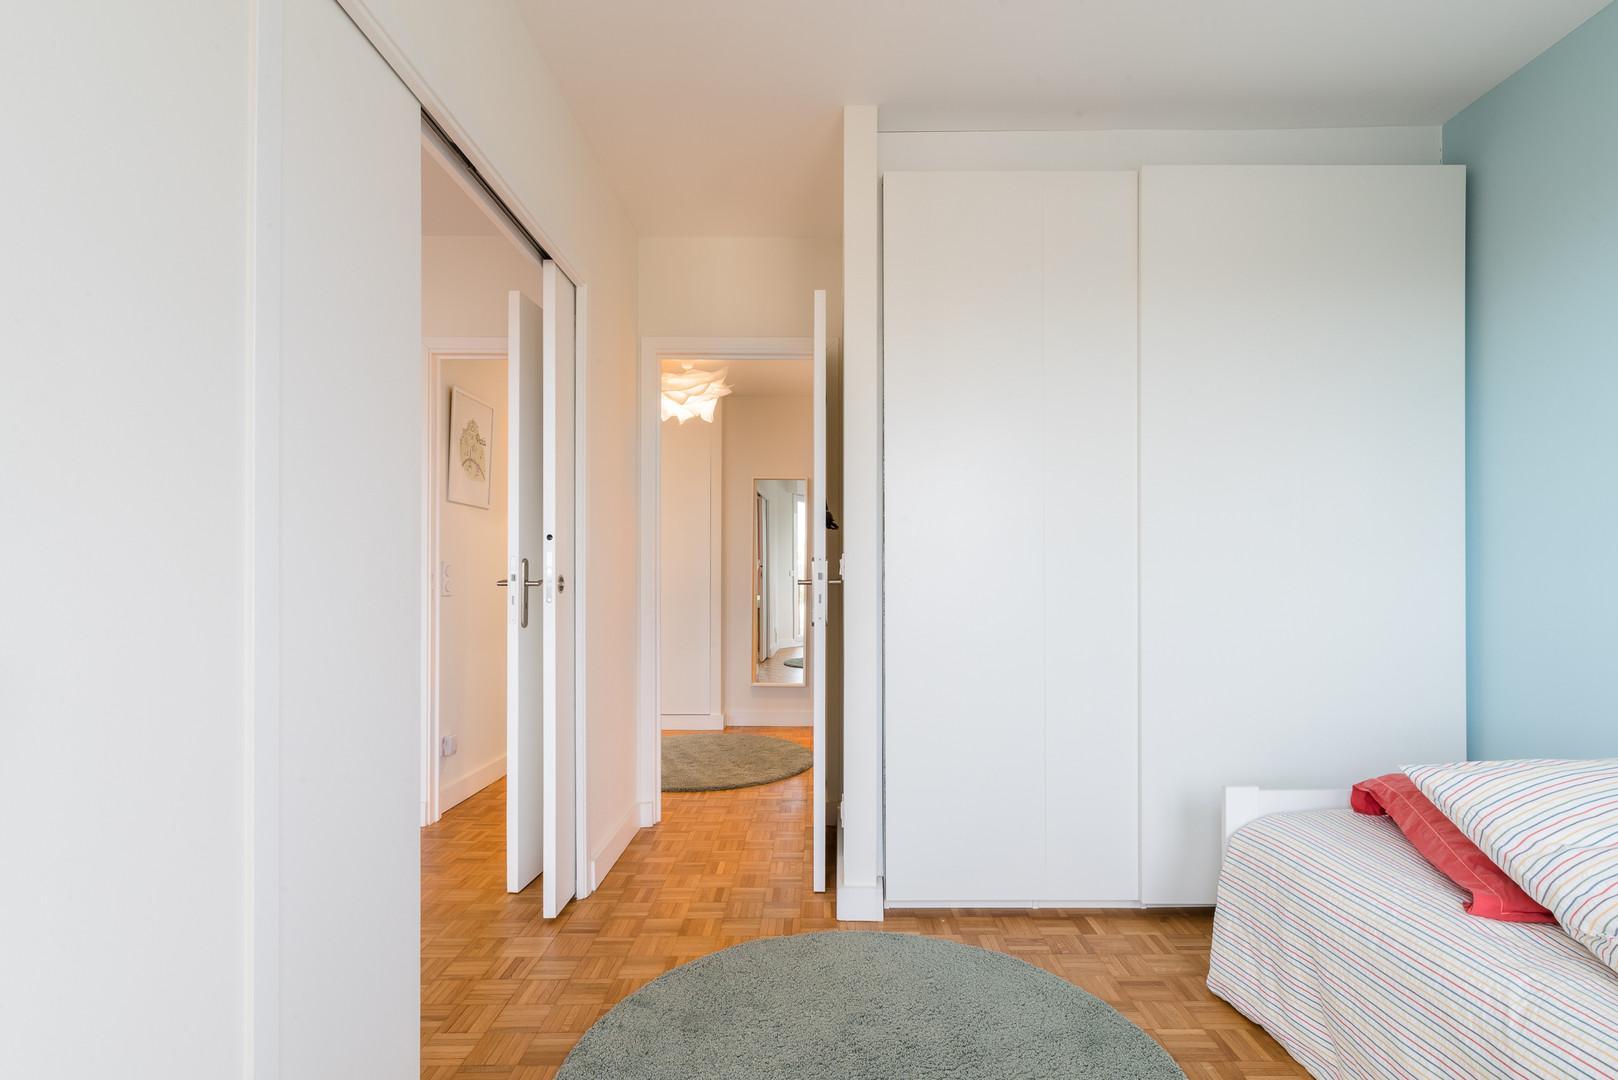 12_2017-12-14-Appartement Boulogne-22.jp